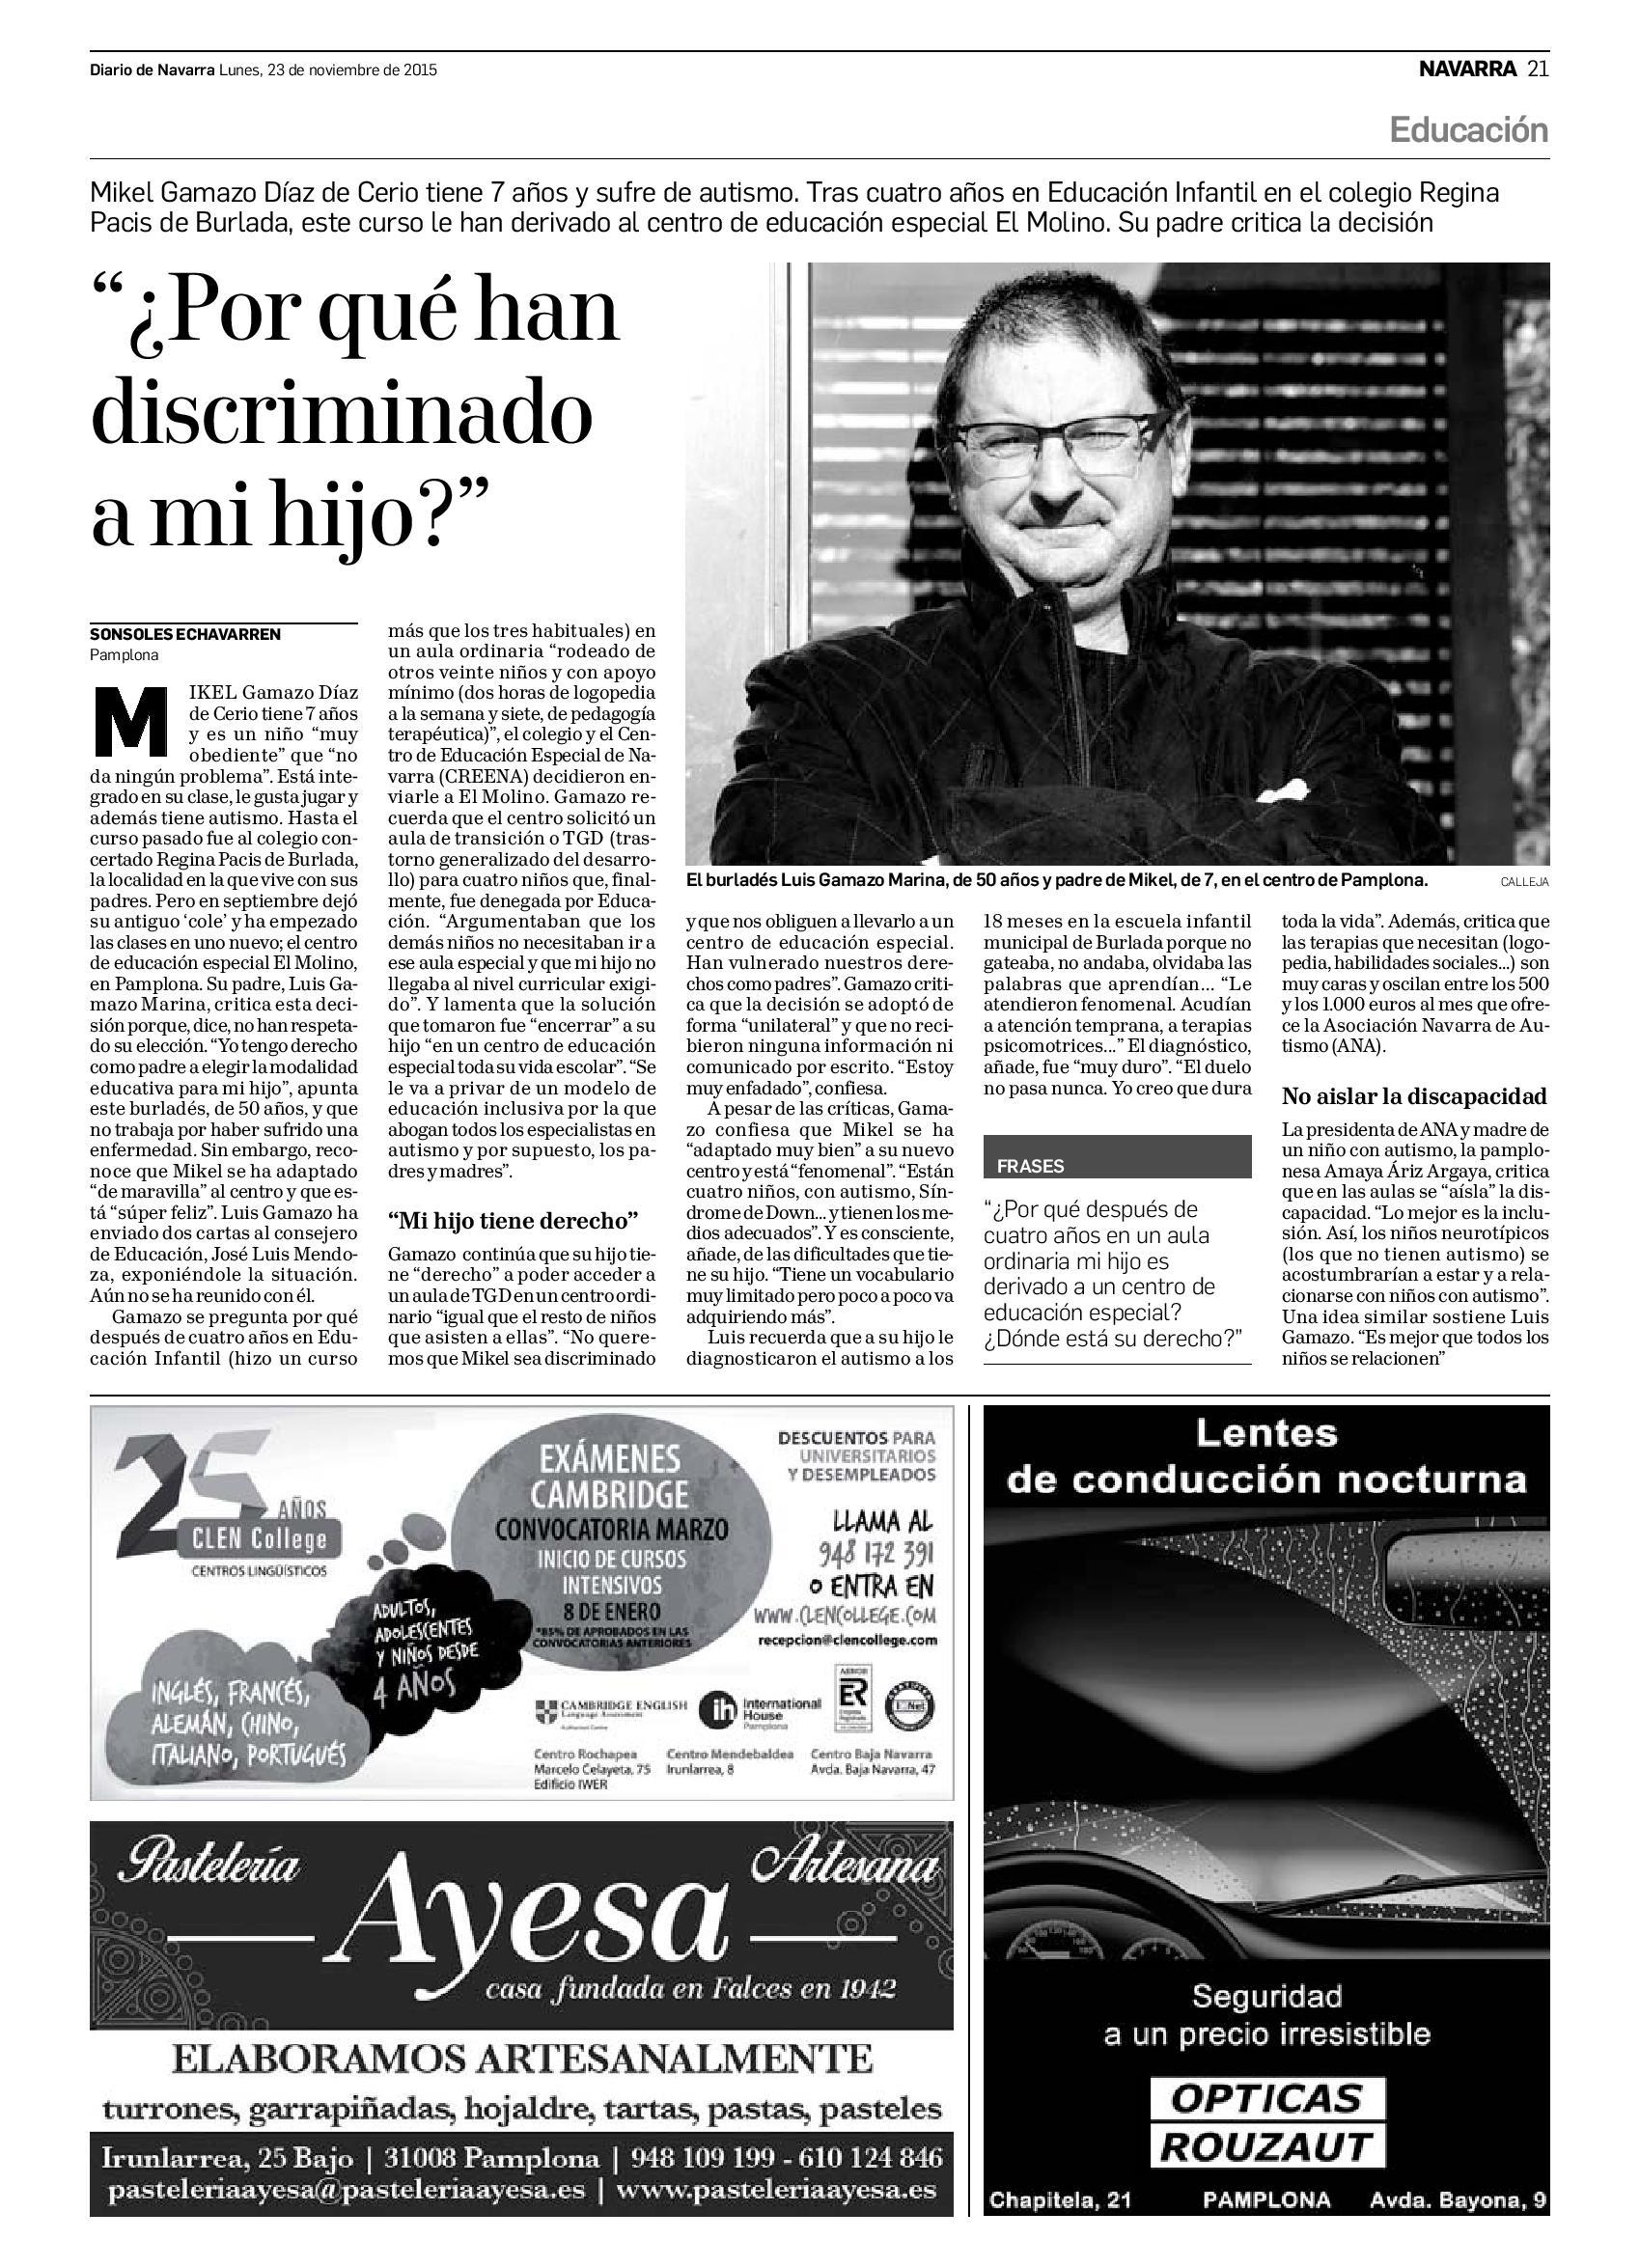 20151123 - Diario de Navarra - Navarra - pag 20-LUIS2